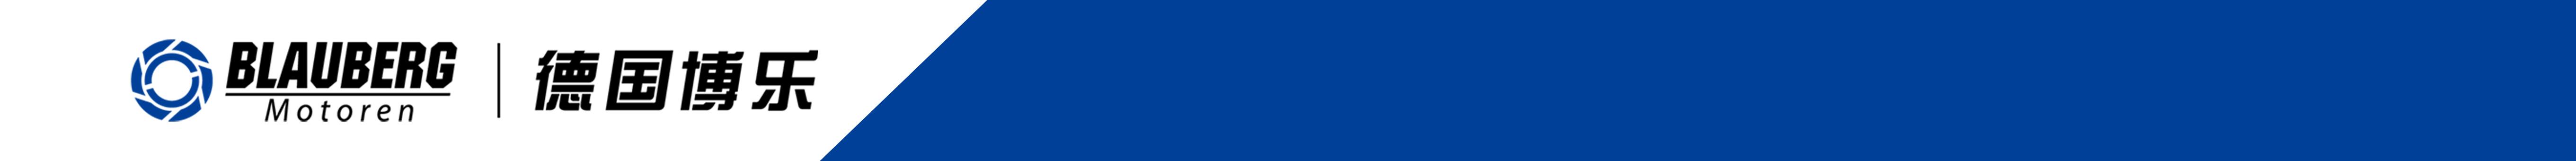 苏州博乐格电机技术有限公司